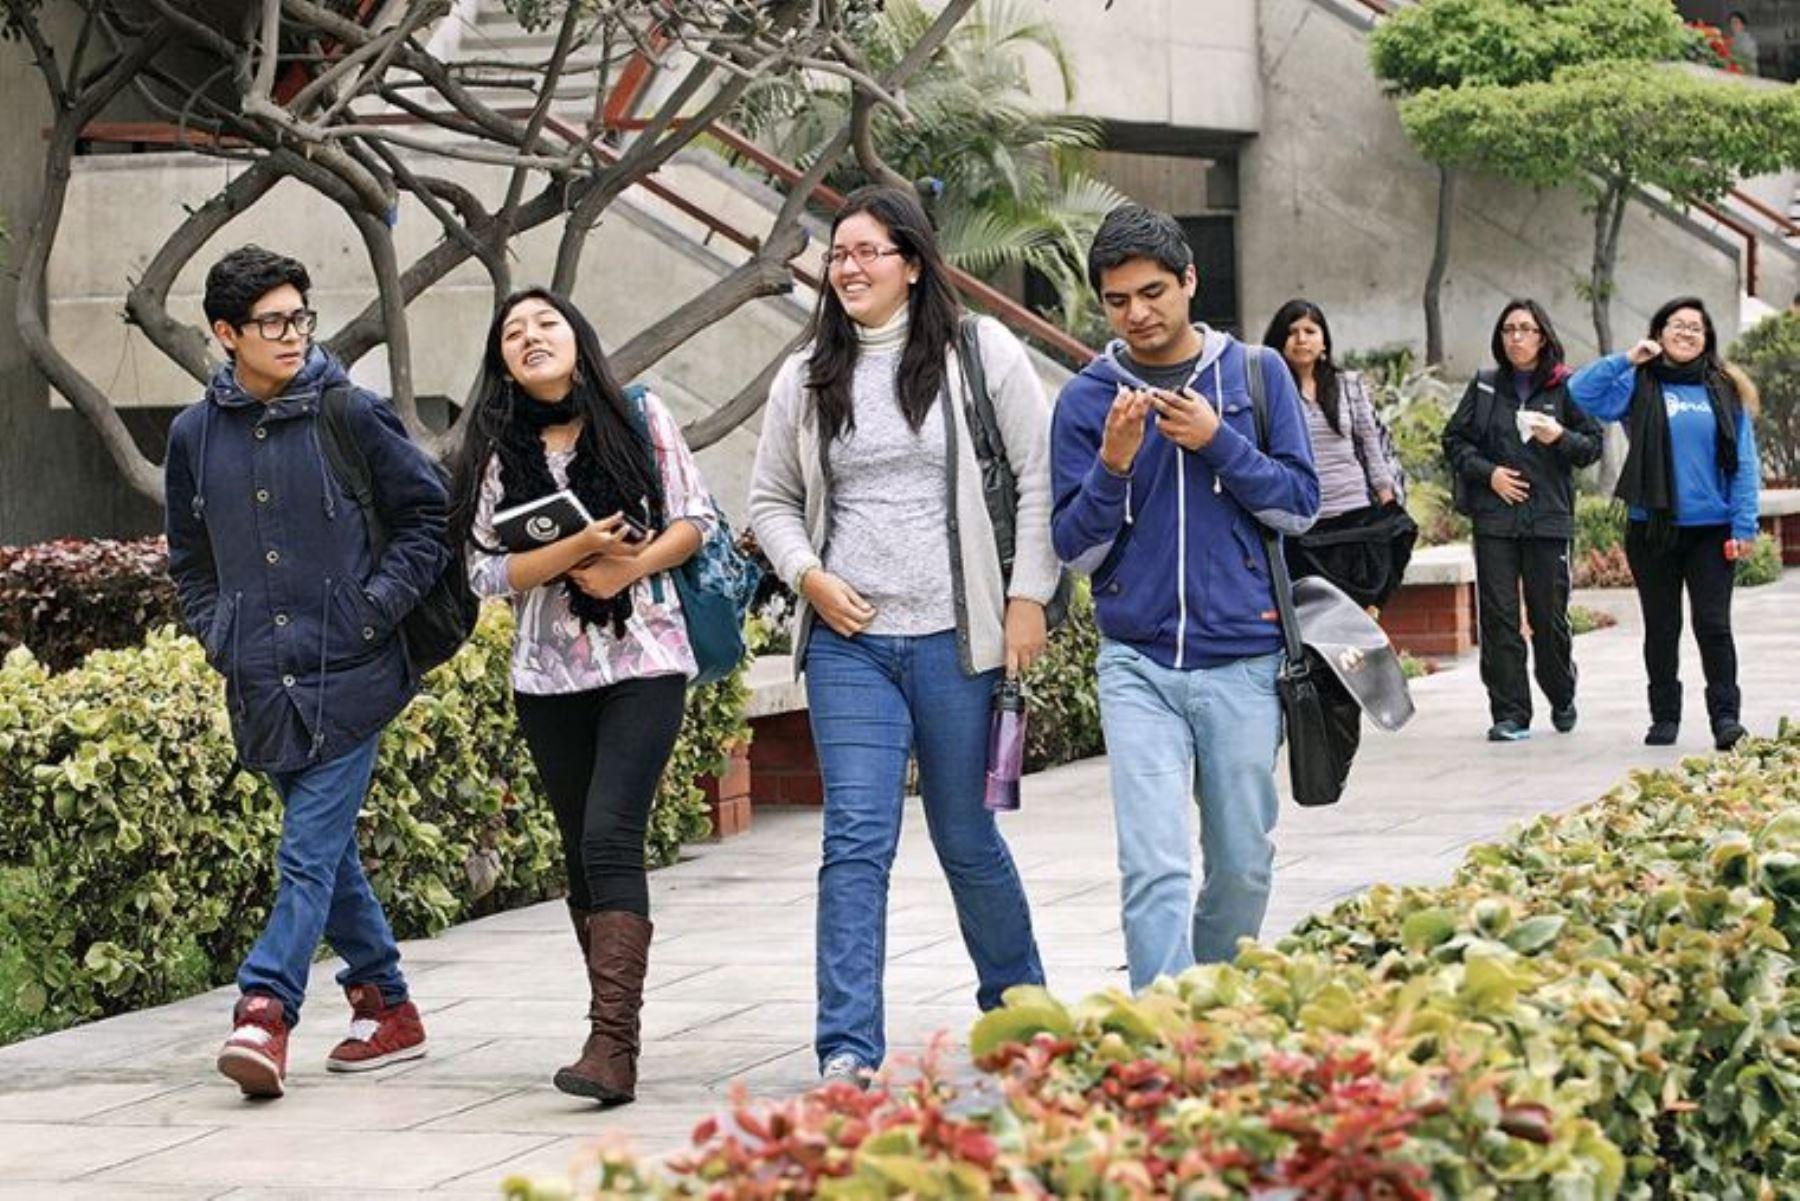 Minedu amplió a 24,000 las becas y entregó 90,000 chips, que llegarán a 240,000 para estudiantes vulnerables. Foto: El Peruano